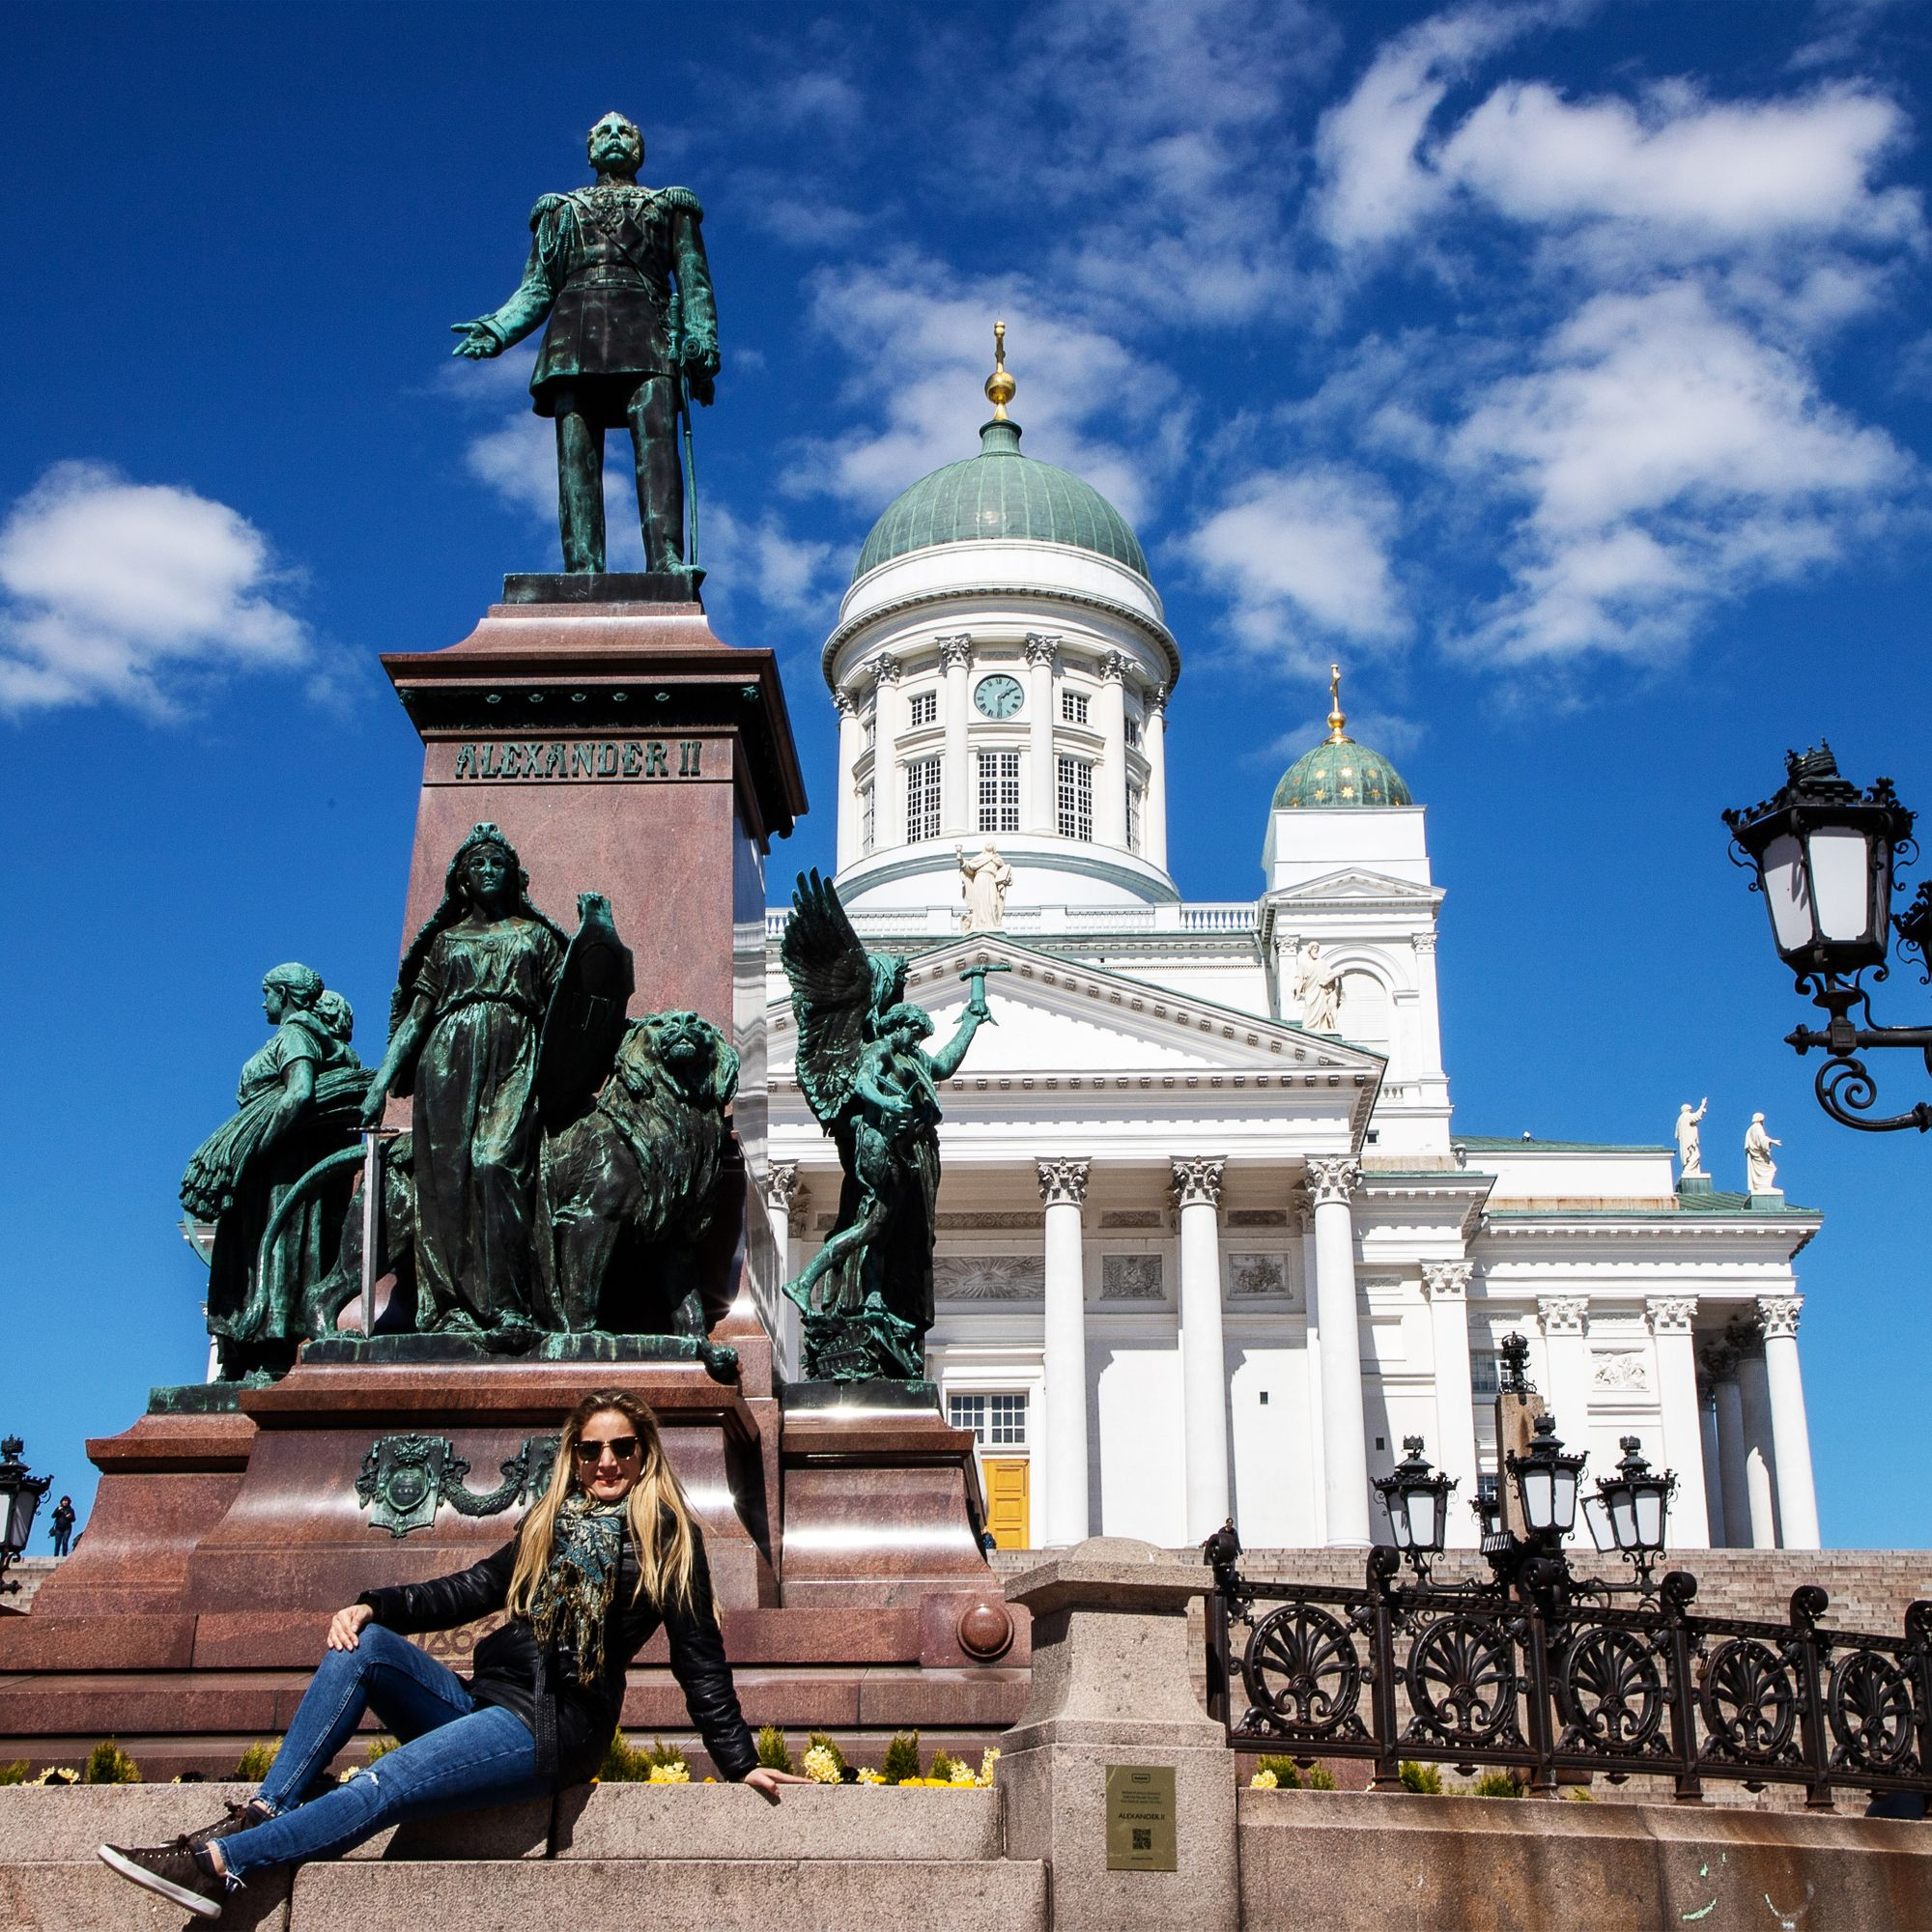 🇫🇮Uno de mis lugares favoritos en Helsinki, la Plaza del Senado ...